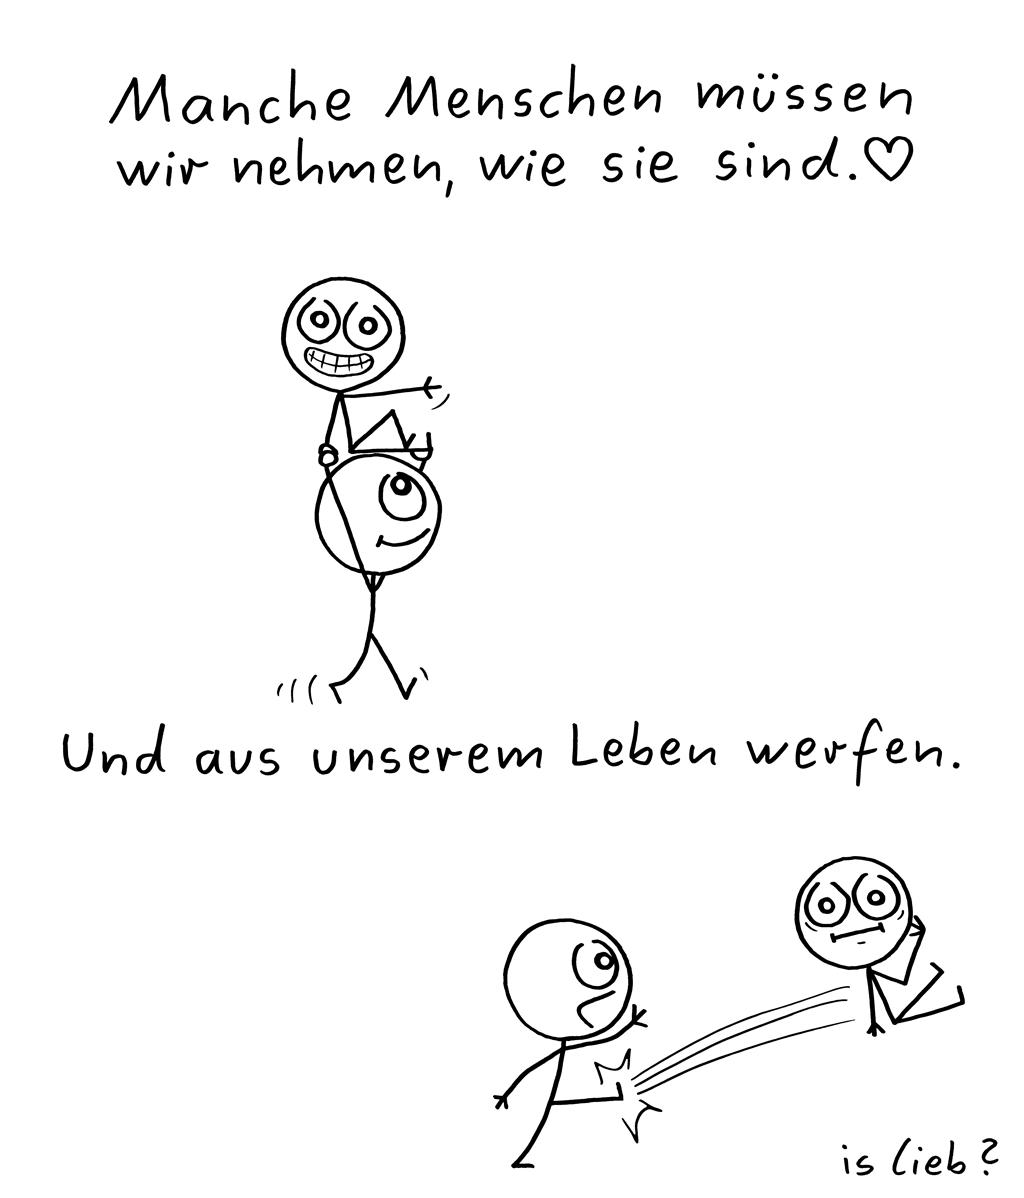 Wie sie sind | Strichmännchen-Comic | is lieb?